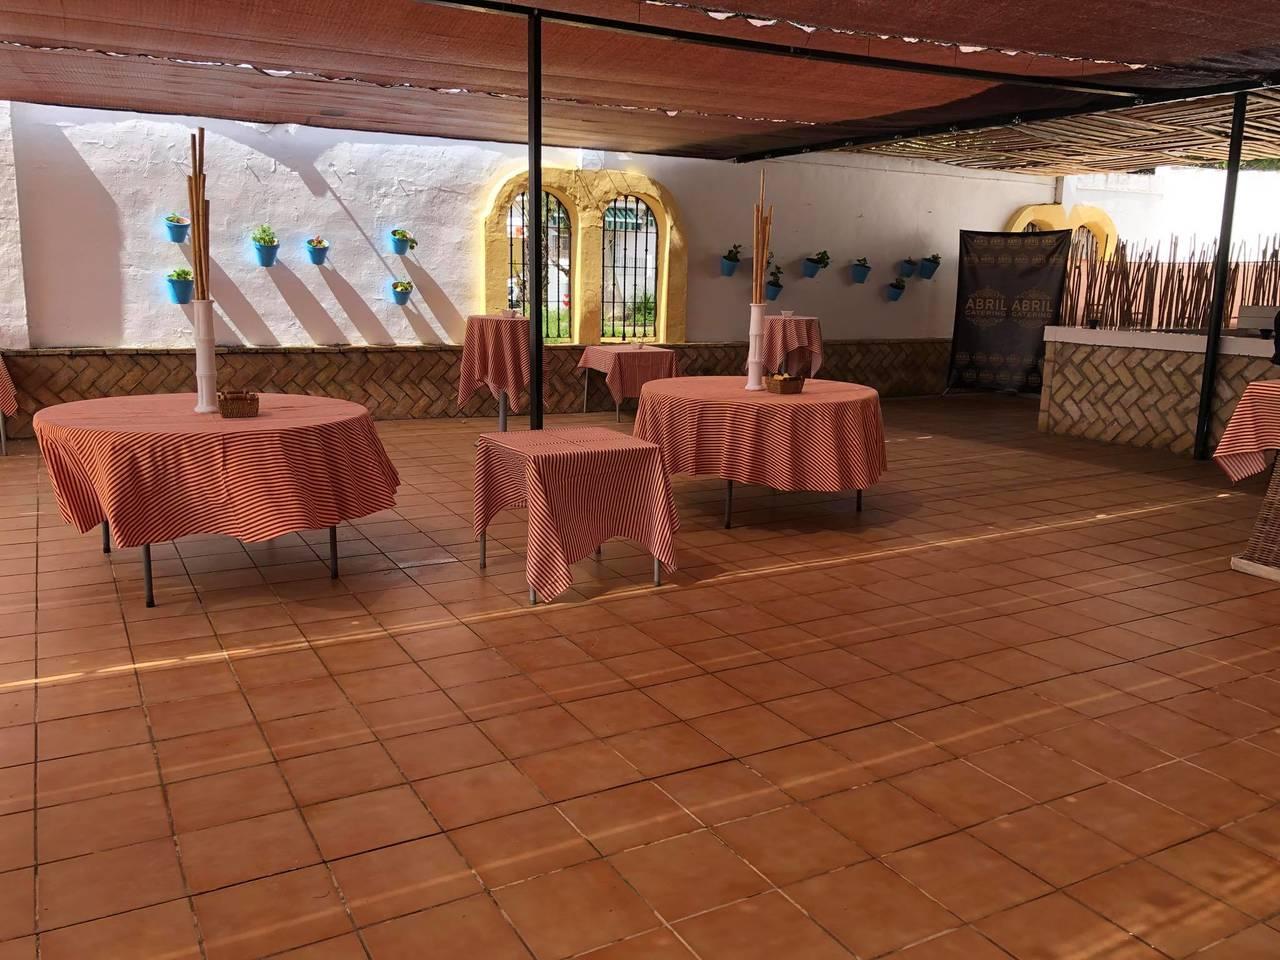 Alquiler de salón de celebraciones en Espartinas (Sevilla)  - Foto 7